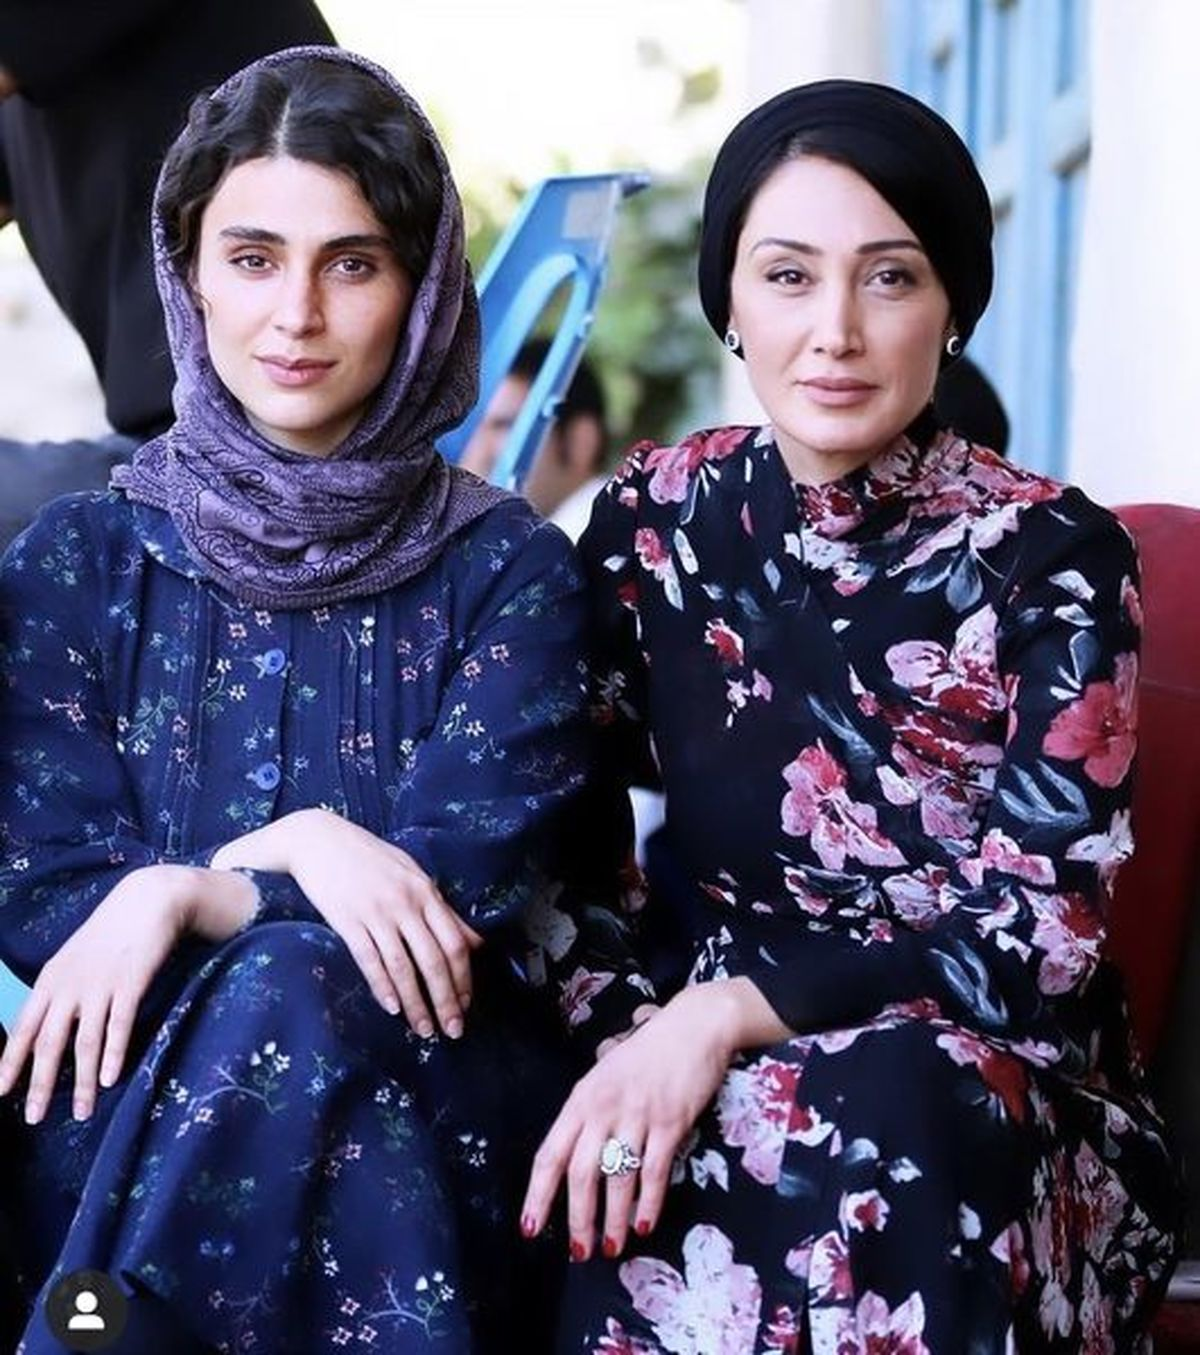 هدیه تهرانی با پیراهن تنگ + عکس